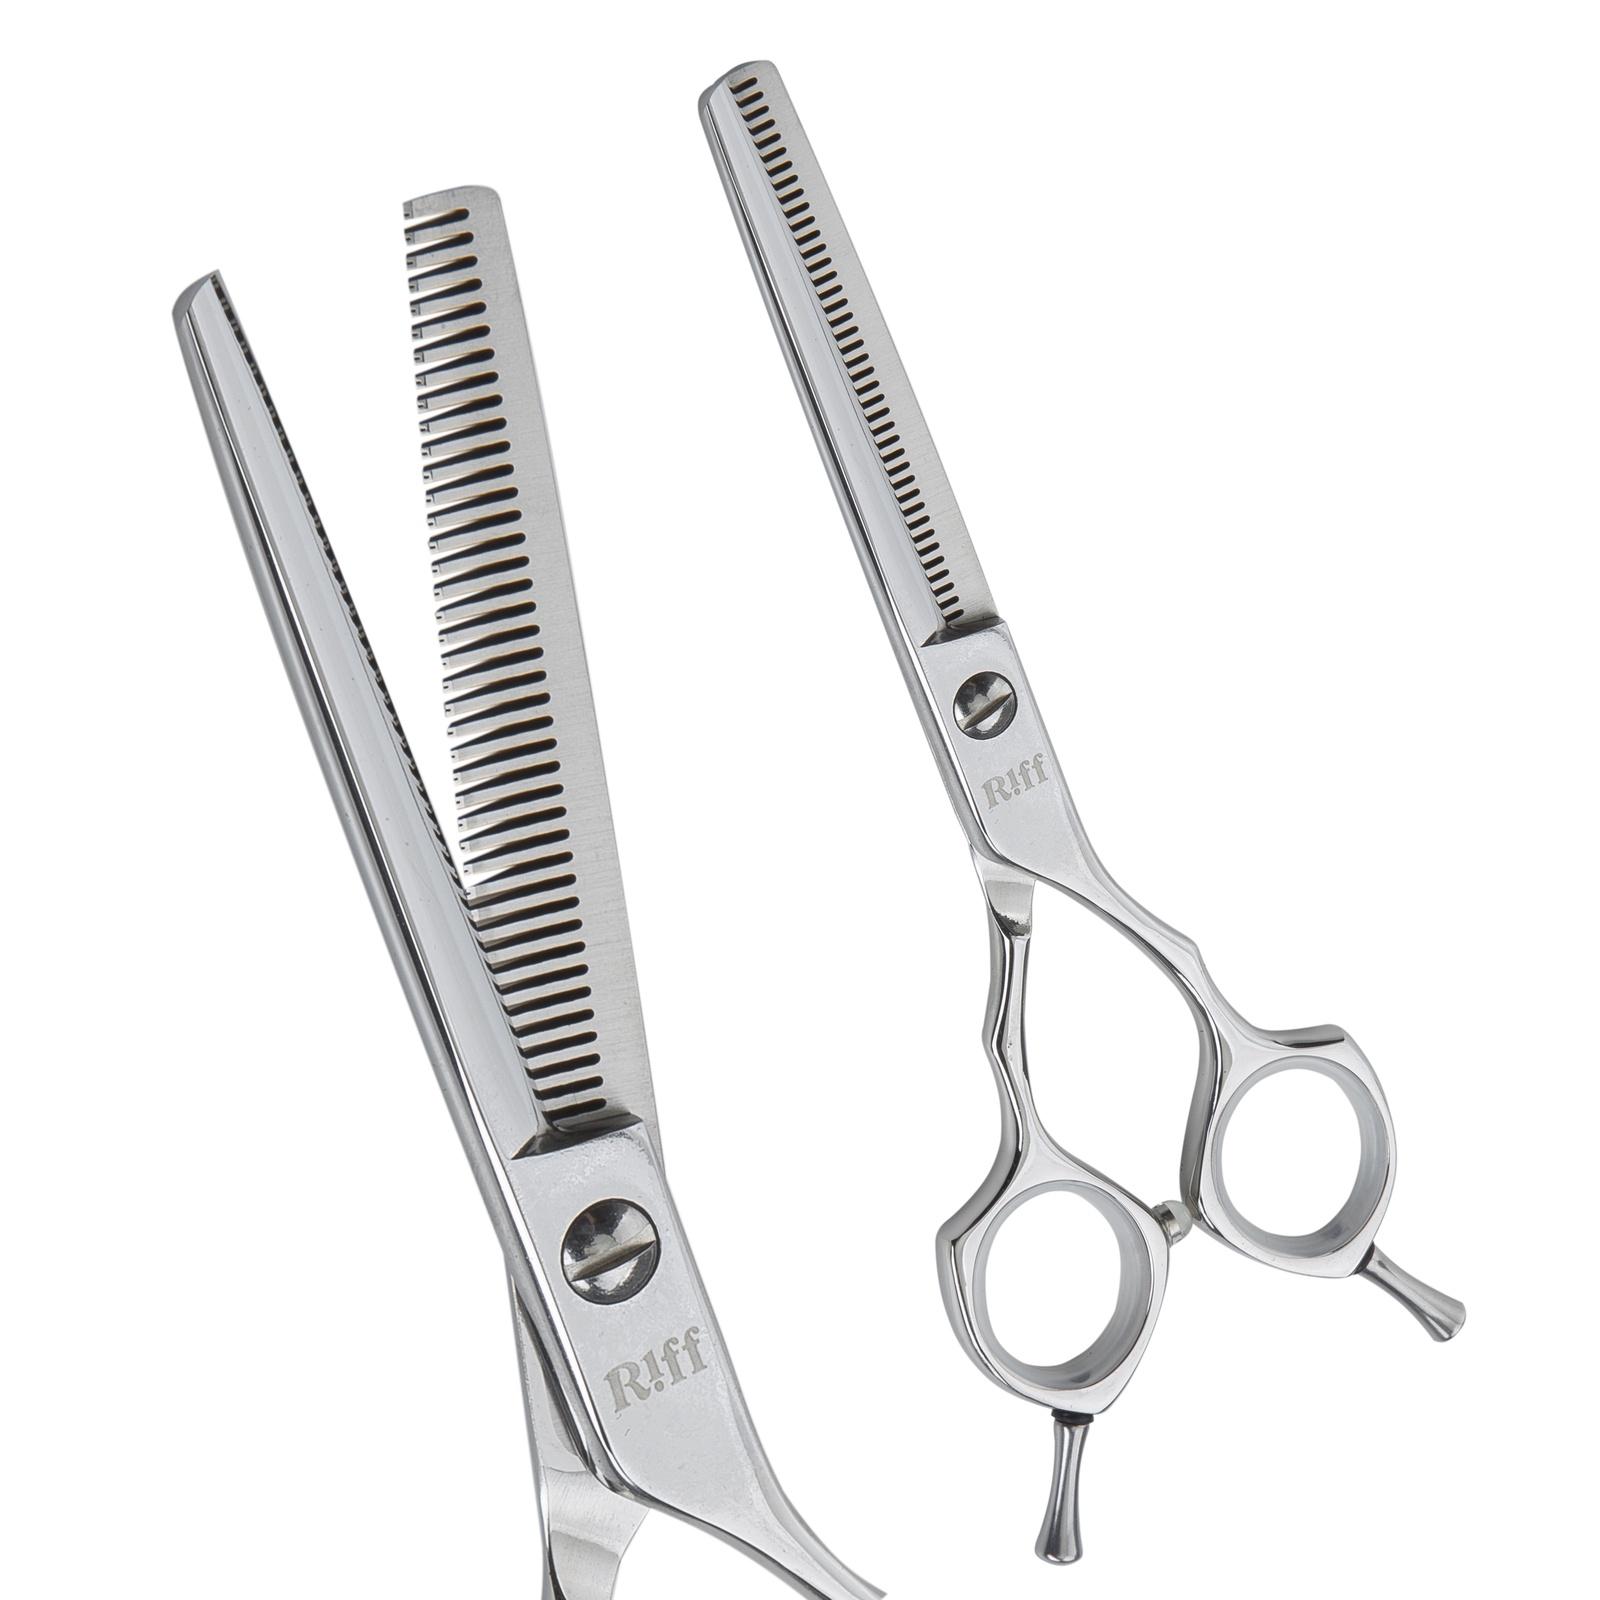 Ножницы парикмахерские филировочные RIFF Master, AMT036040, 6 дюймов